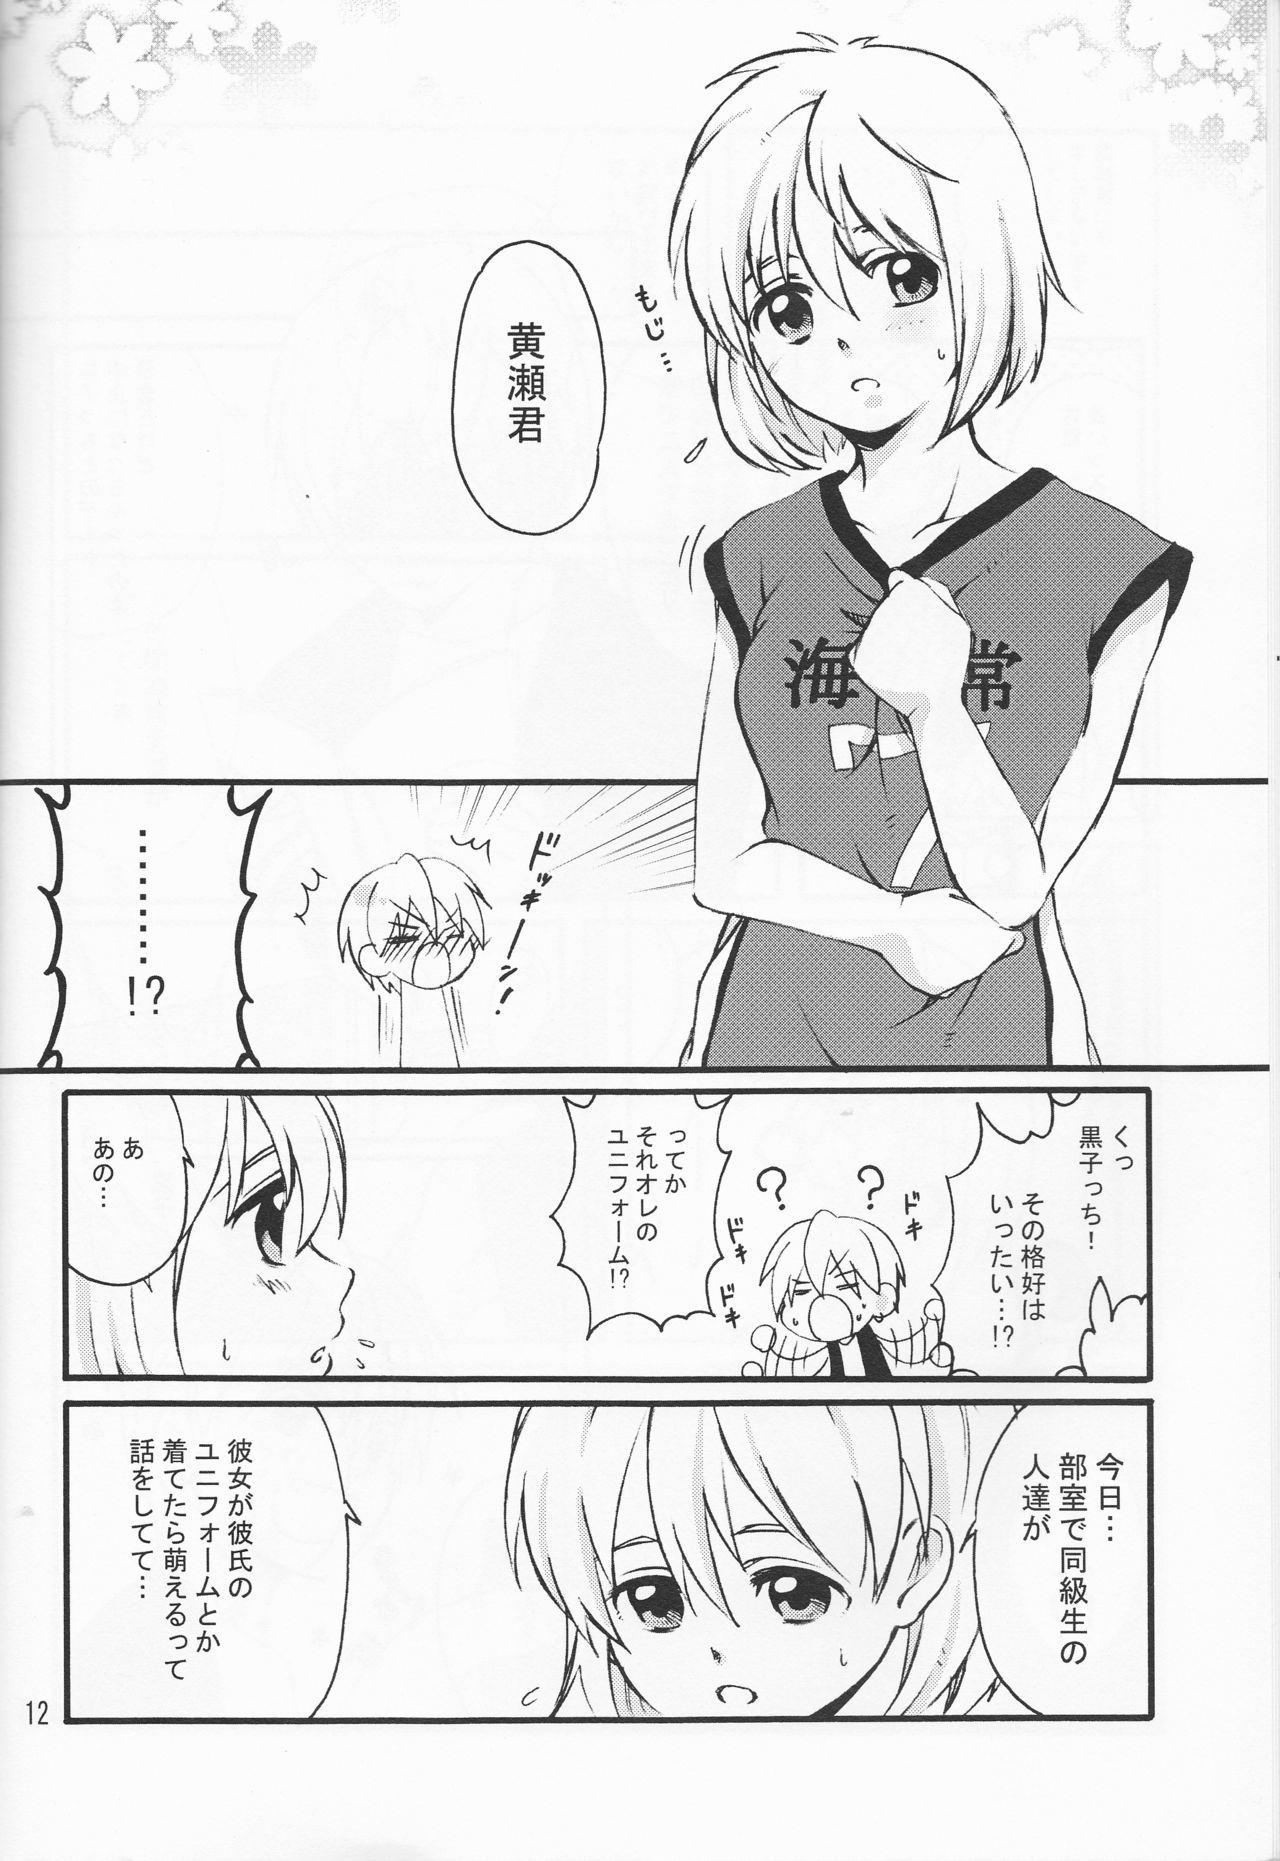 Ore no Kurokocchi ga Onnanoko ni Nacchattassu! 11